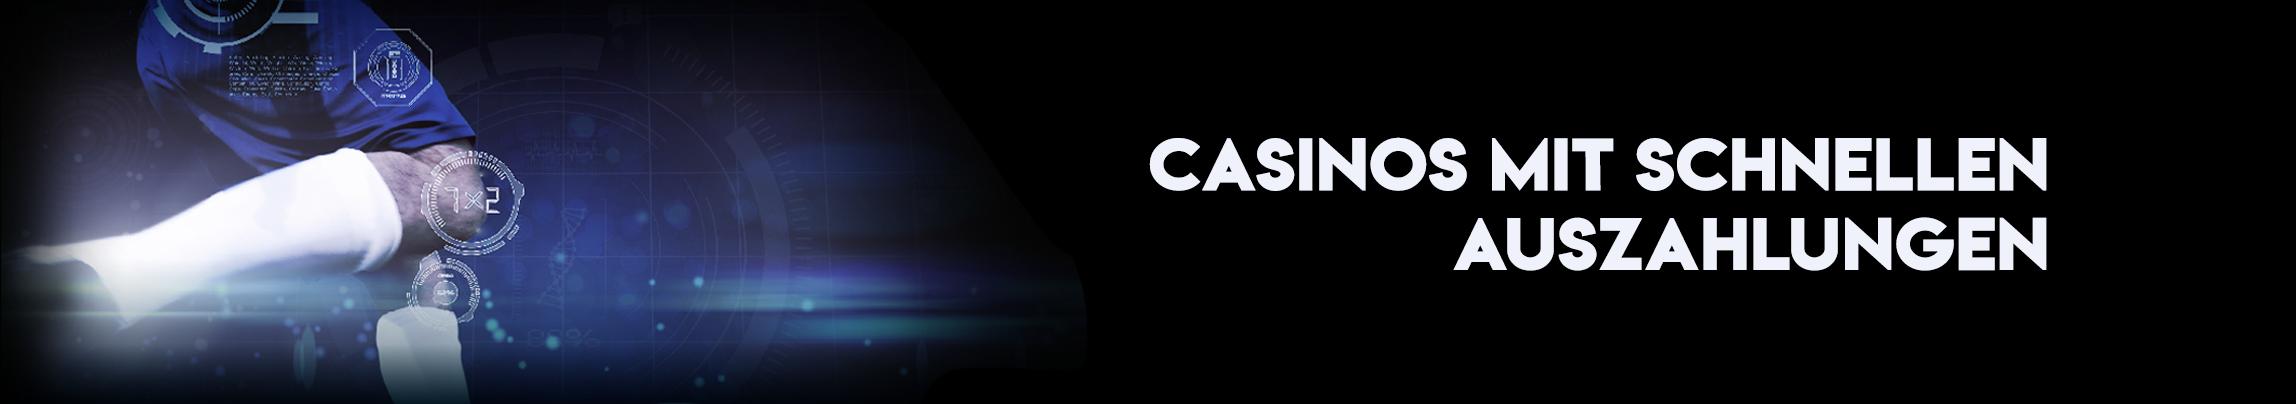 casinos mit schnelle auszahlungen logo